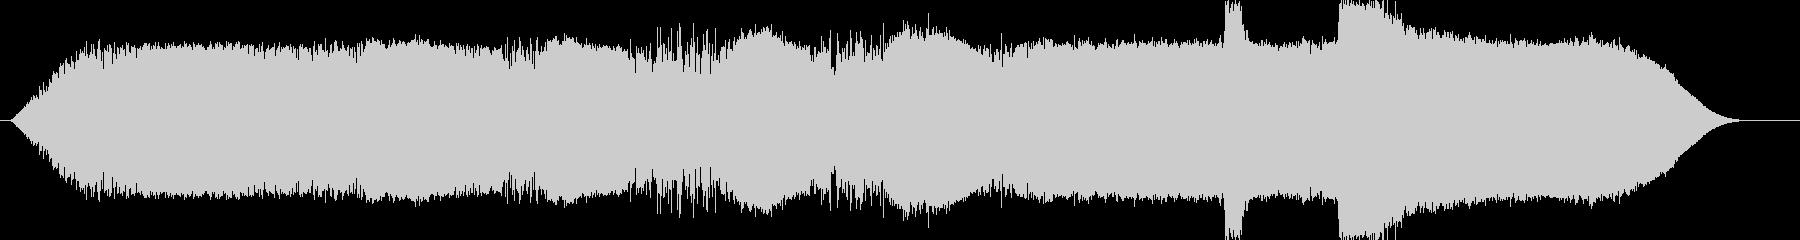 サンフェルミンブローカーズアスクの未再生の波形